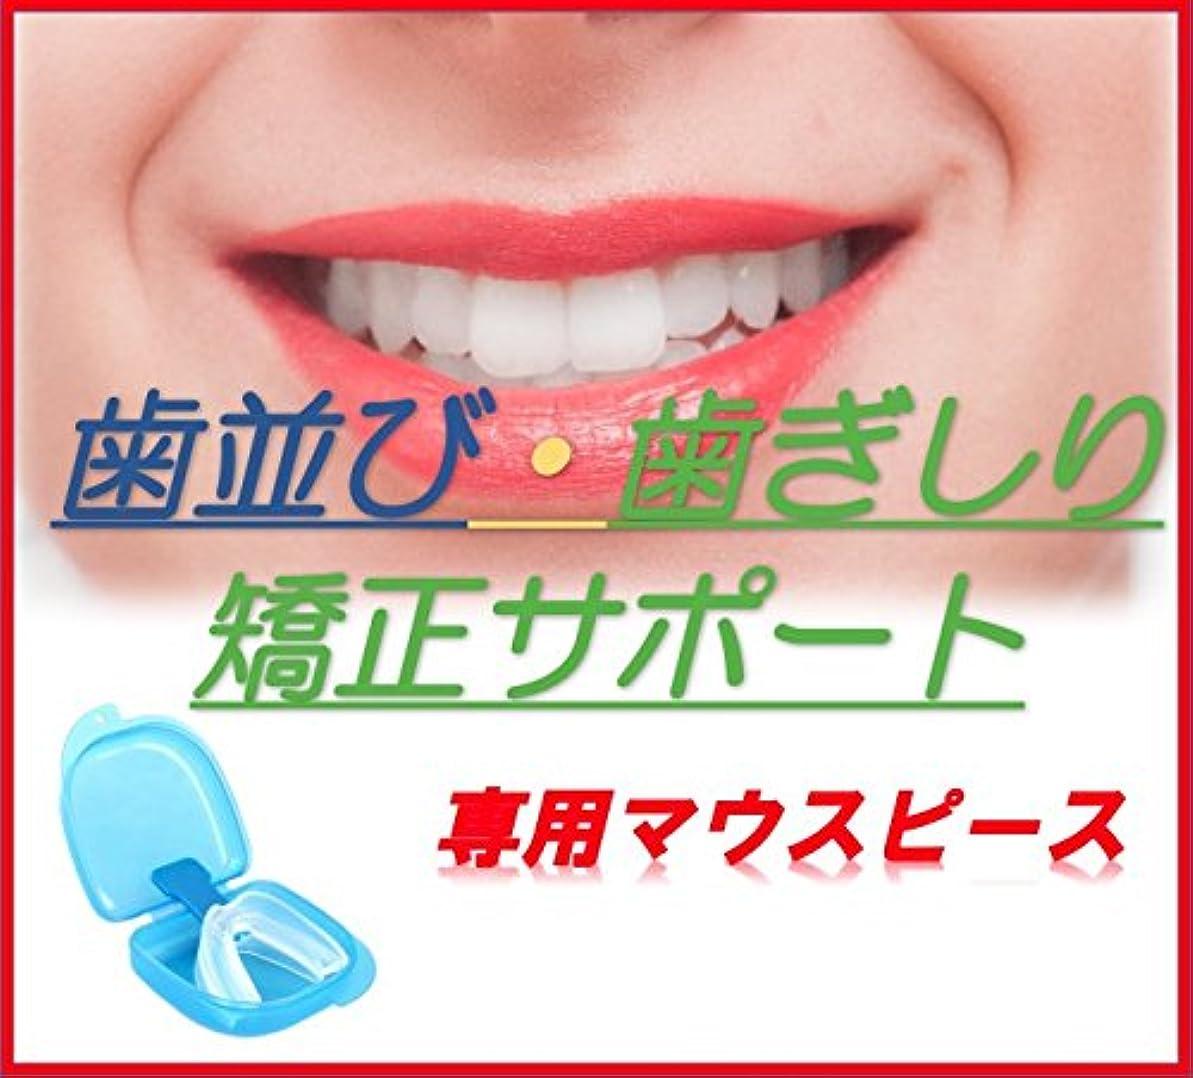 魔術師砲撃くるみ[NET-O] 歯並び 歯ぎしり 矯正 サポート 専用マウスピース お得用セットあり (1set)